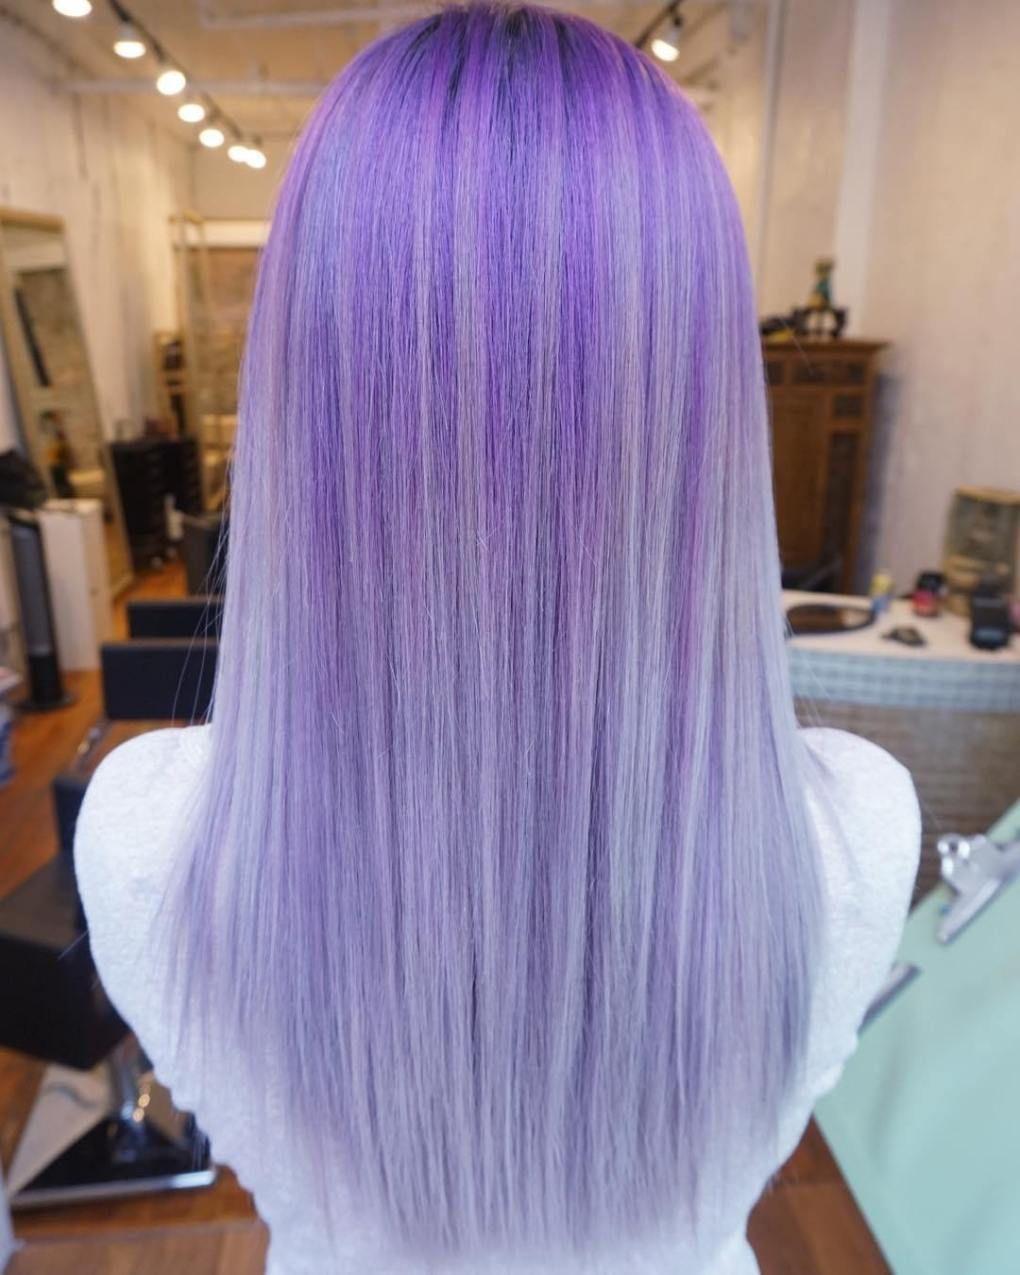 20 Ways To Wear Violet Hair In 2020 Purple Blonde Hair Purple